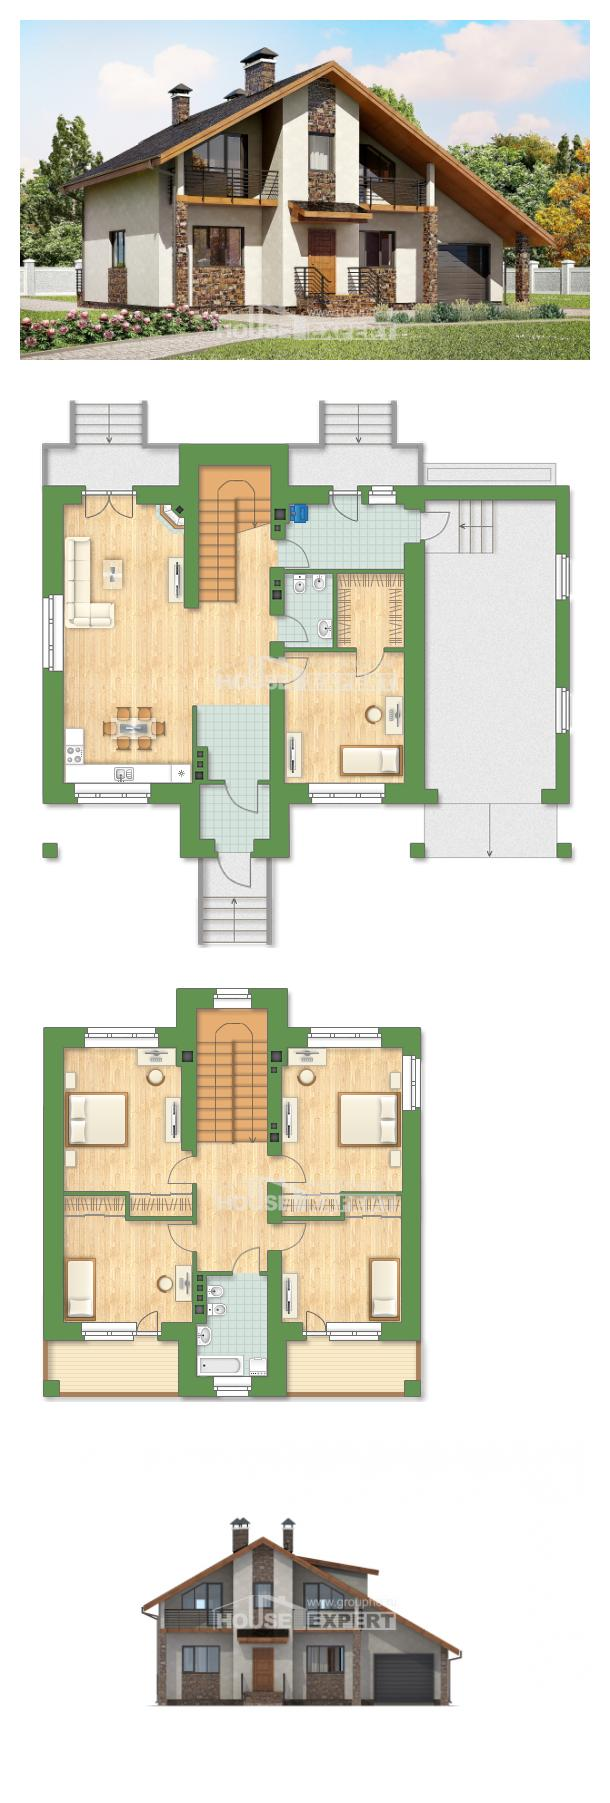 房子的设计 180-008-R | House Expert